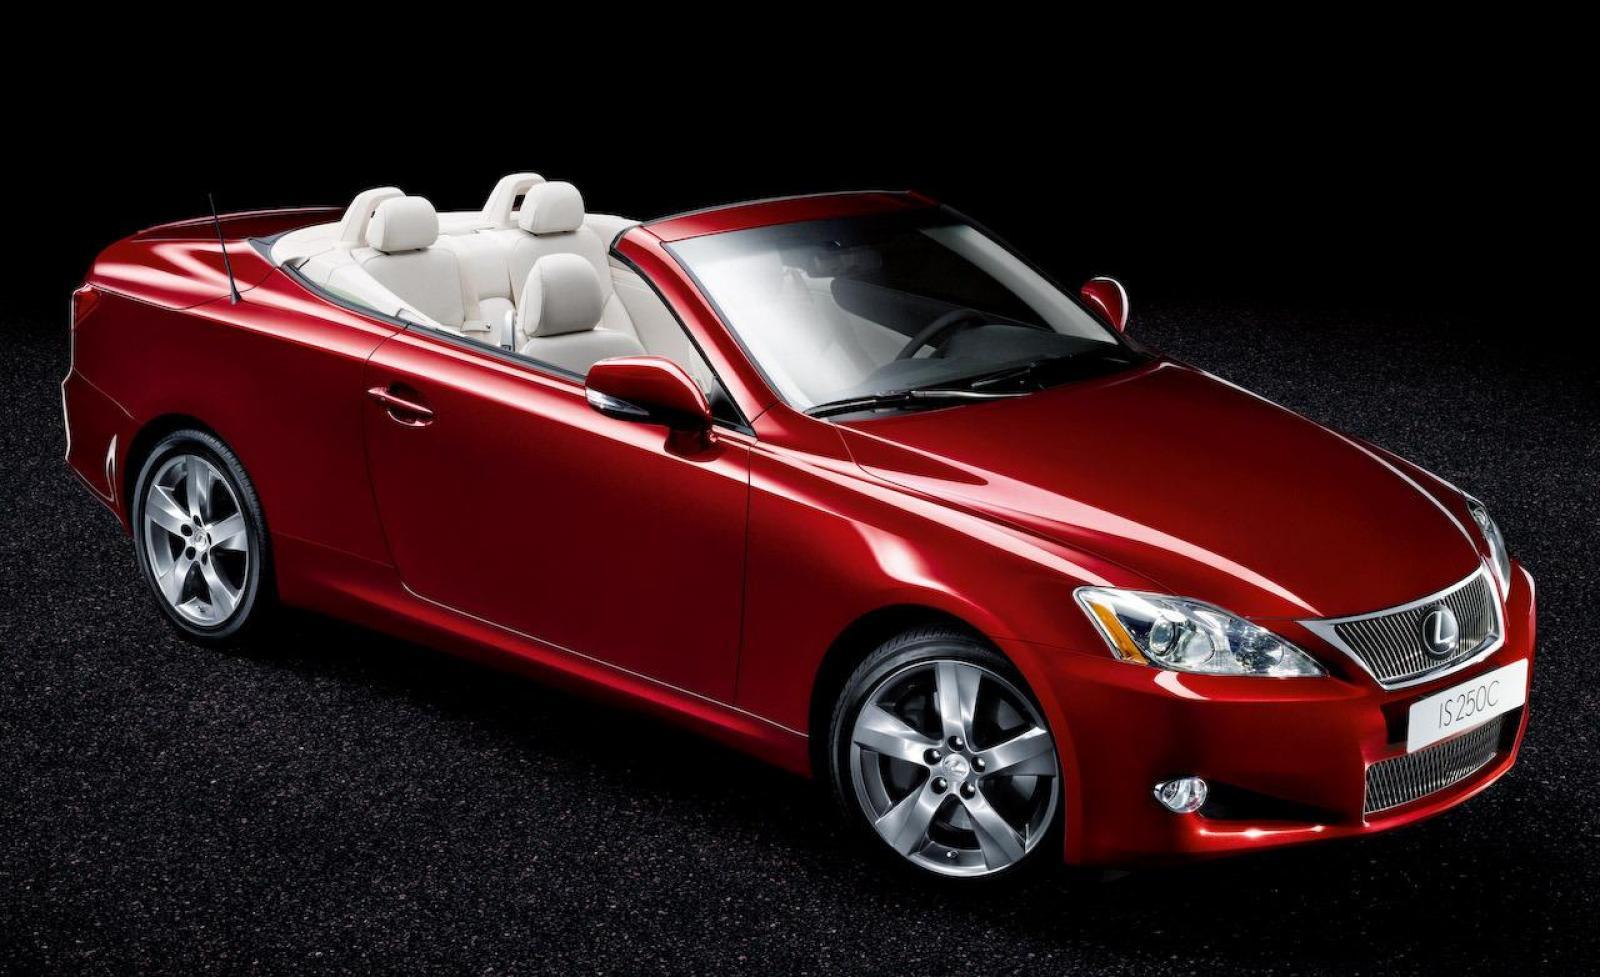 800 1024 1280 1600 Origin 2014 Lexus IS 250 C ...